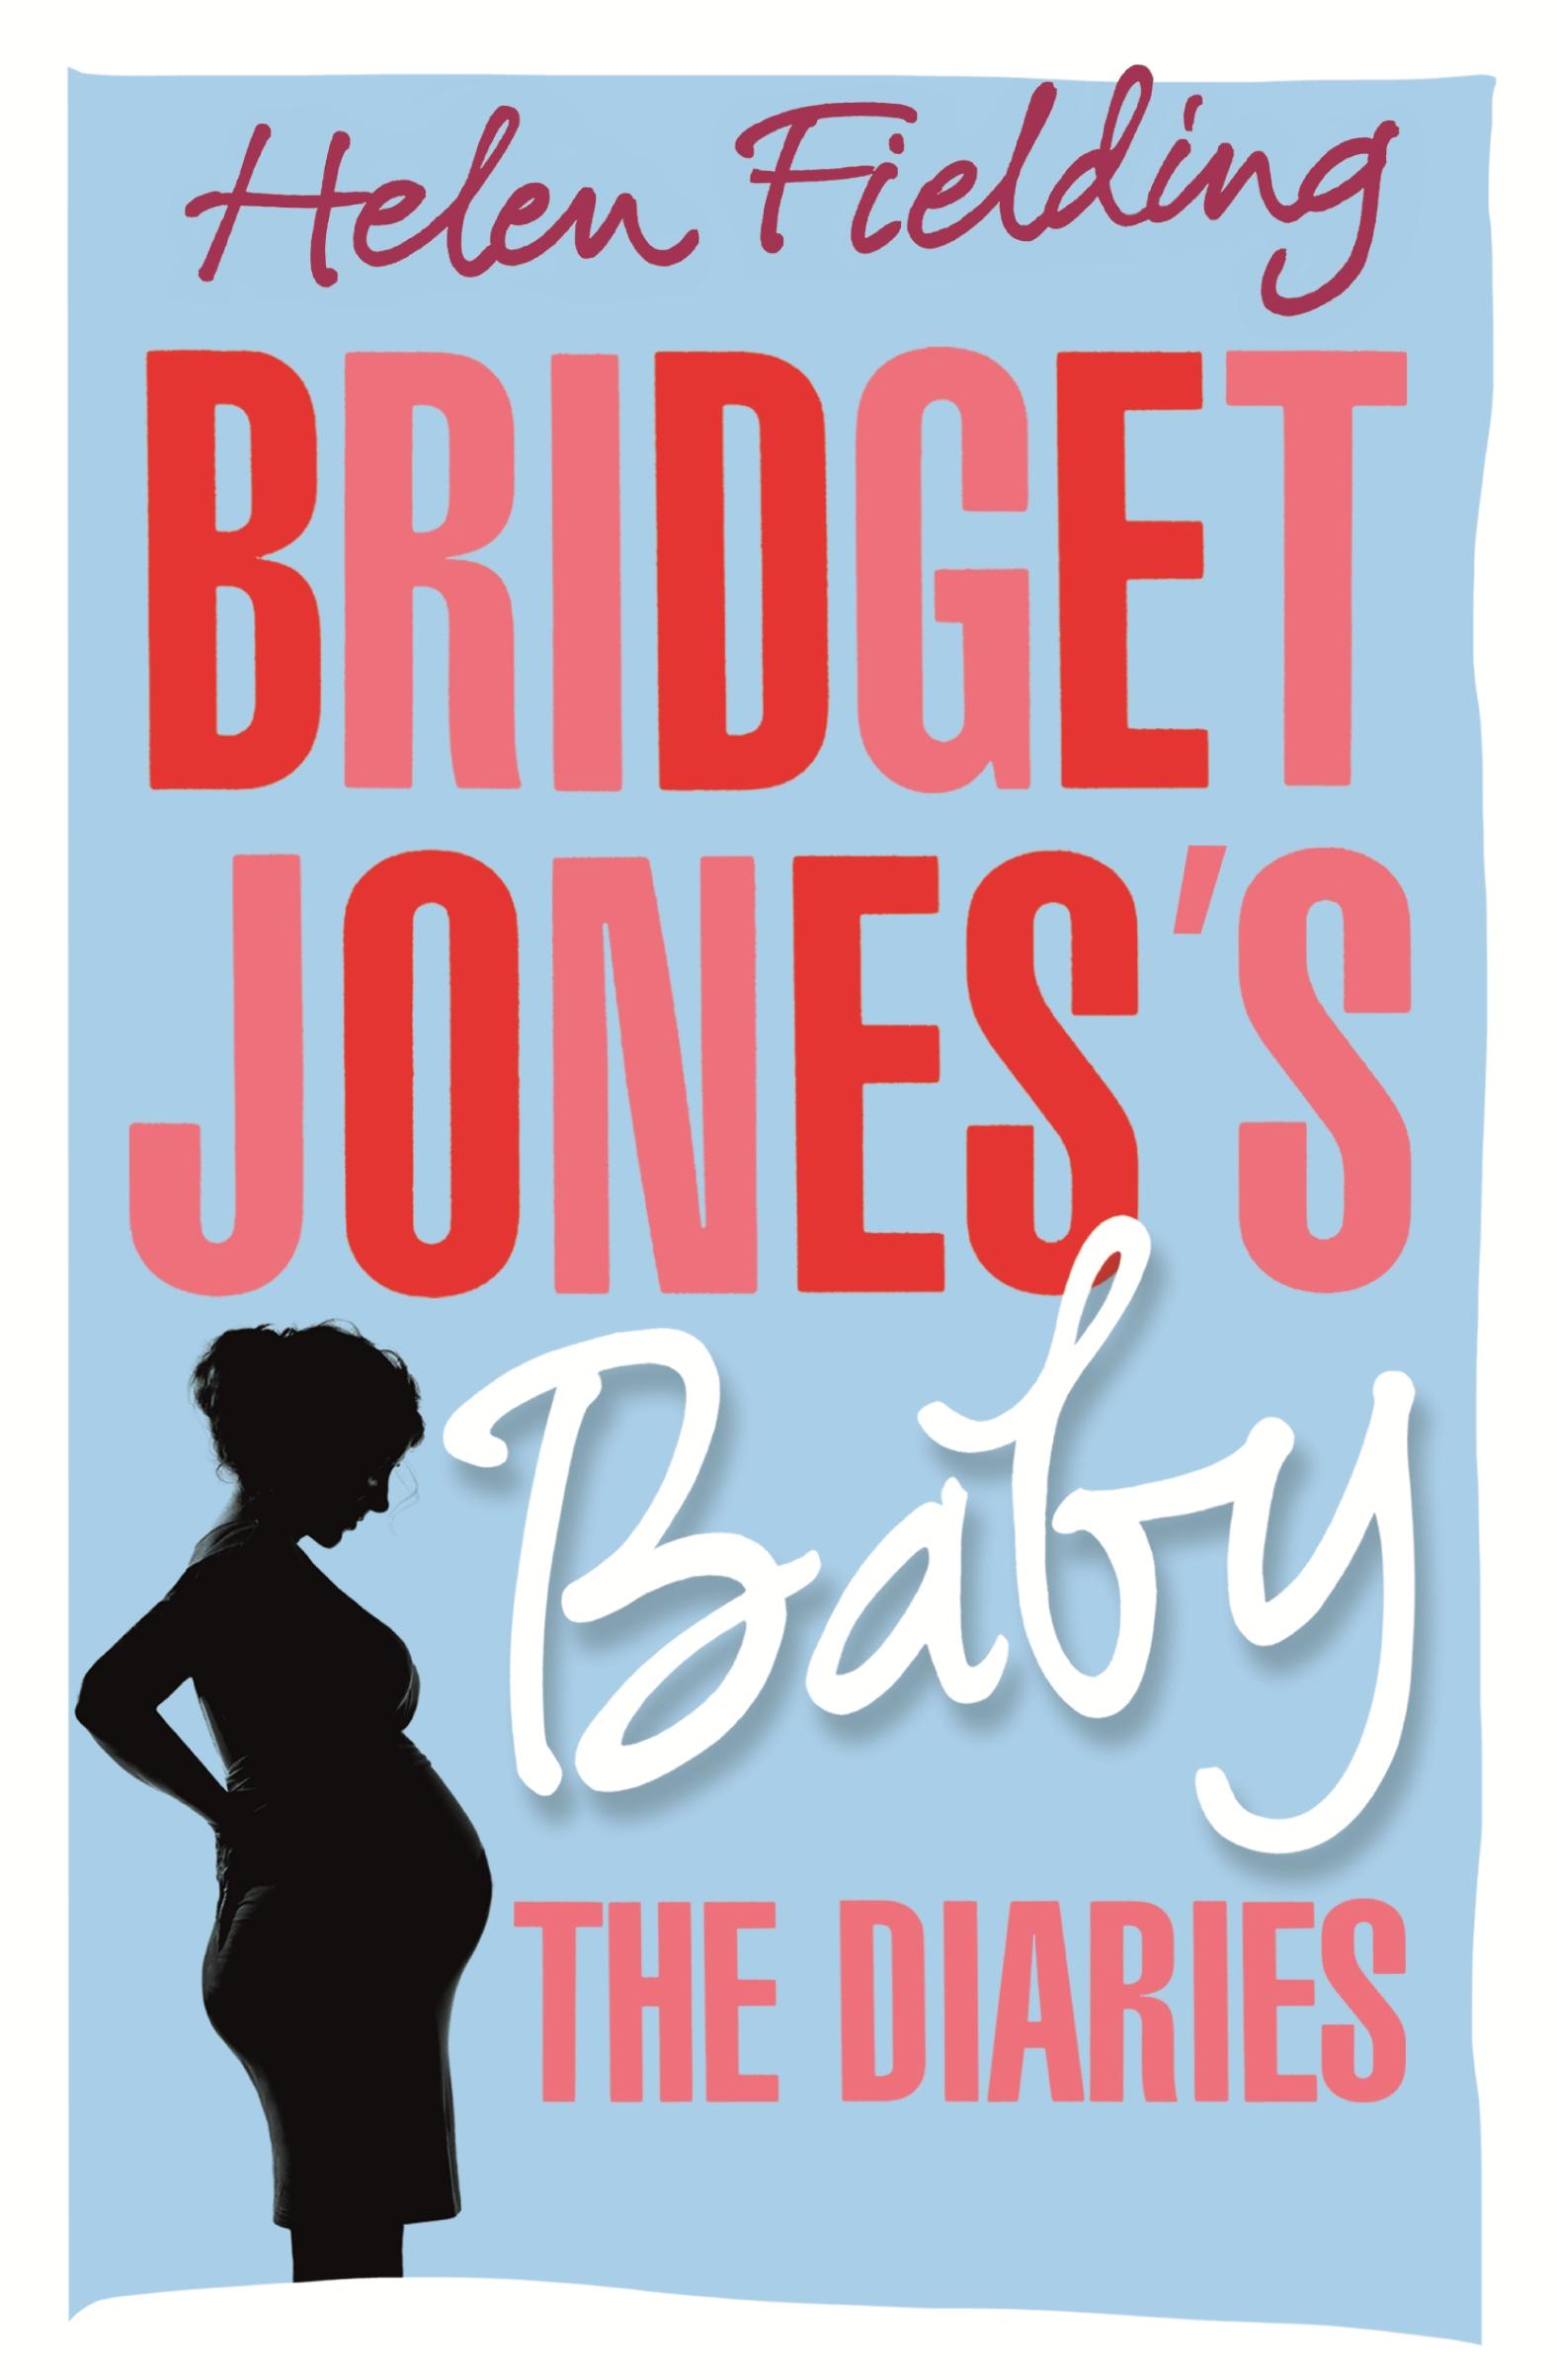 BRIDGET JONES'S BABY : THE DIARIES